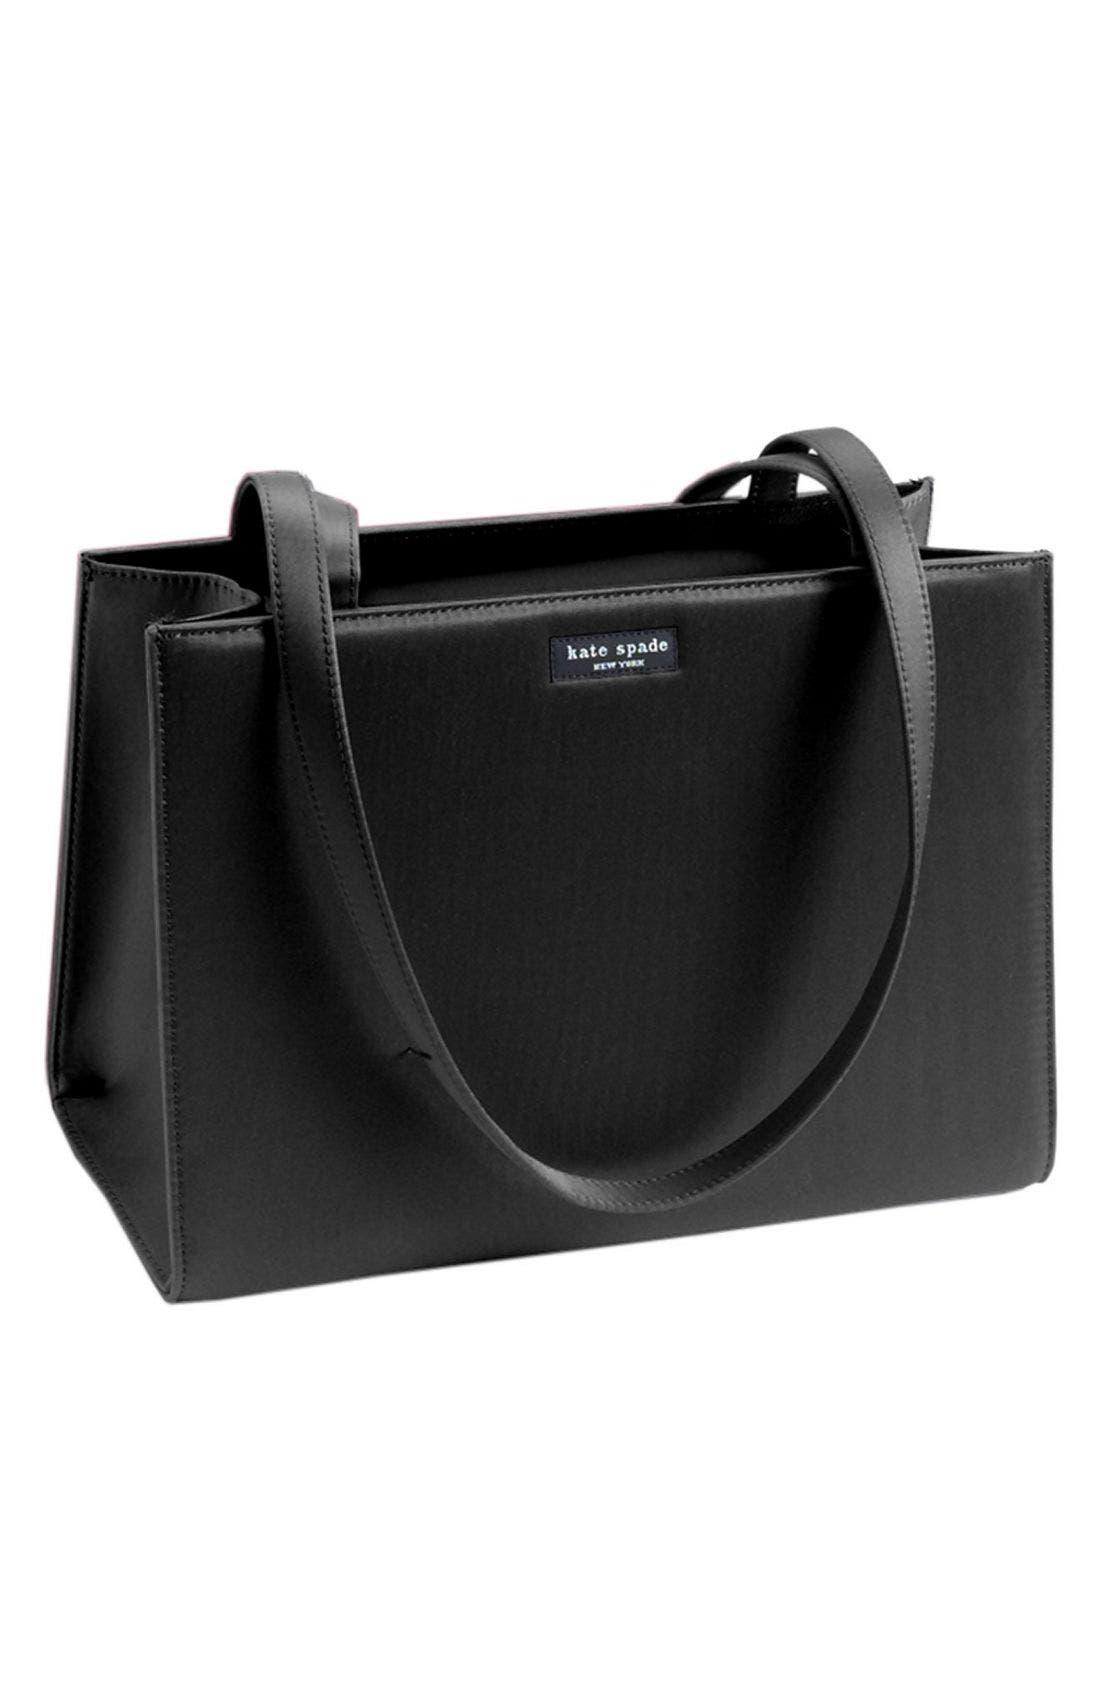 kate spade 'sam' handbag,                         Main,                         color, Black